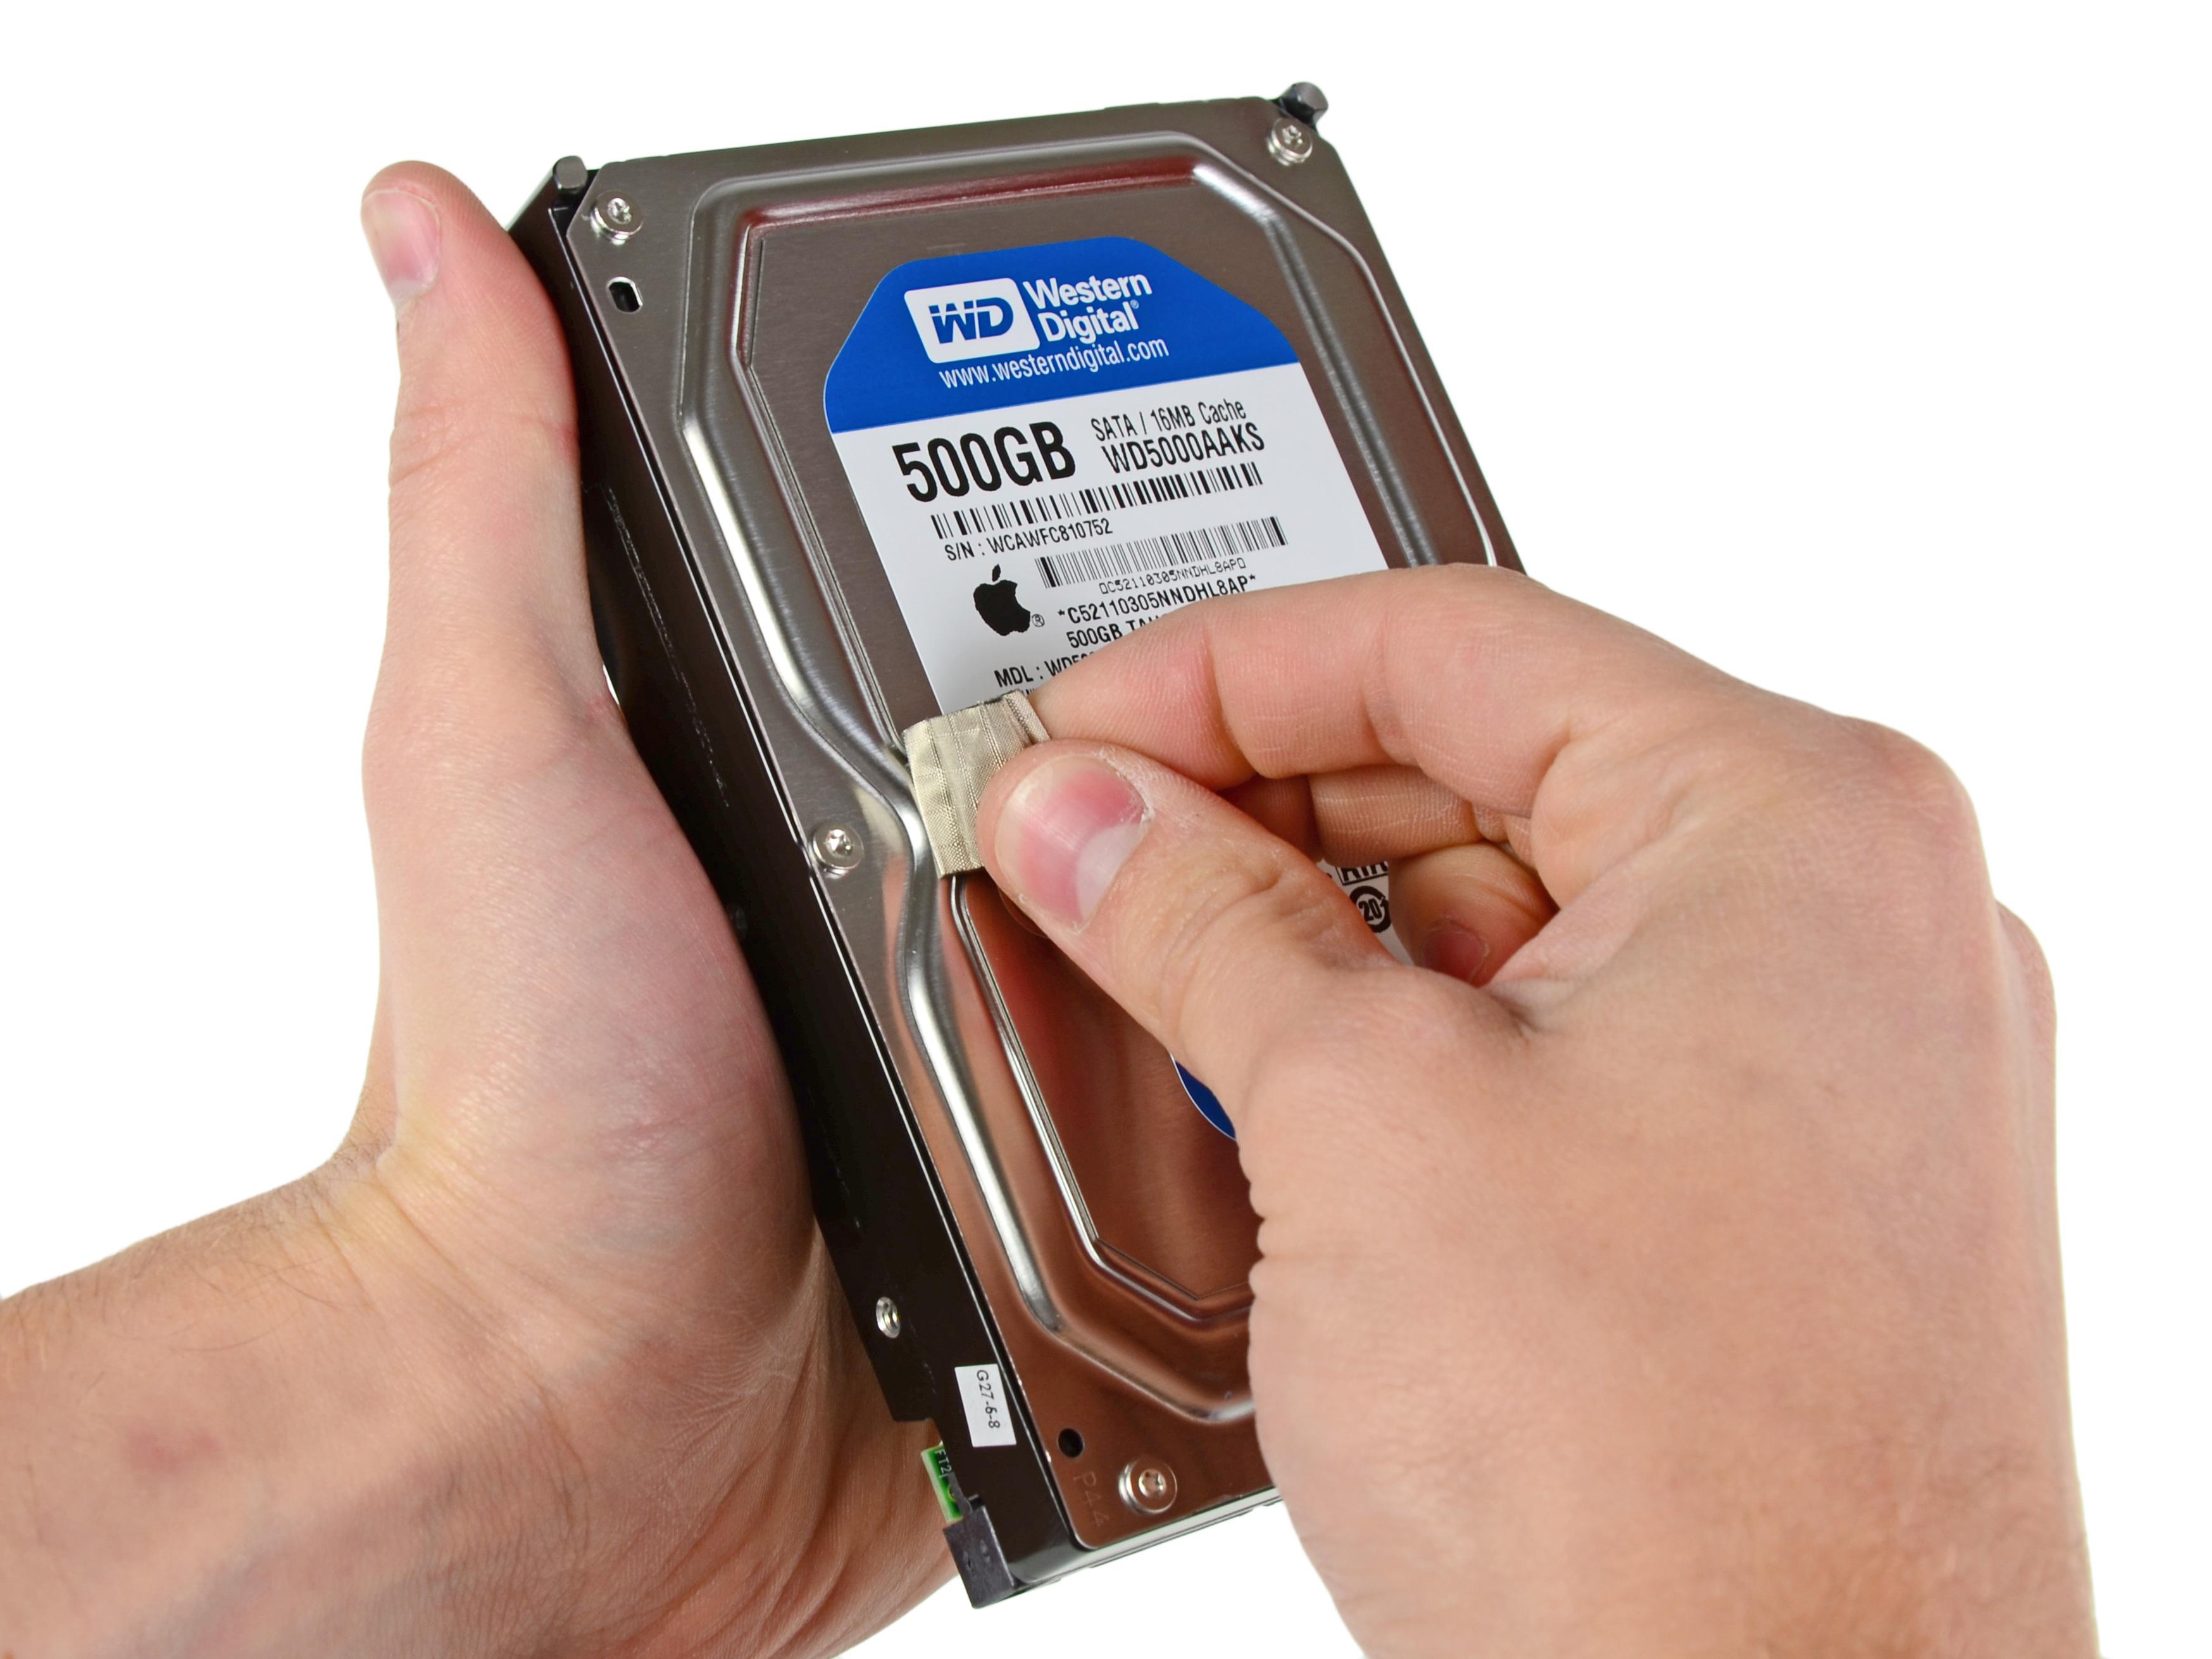 """Remplacement du SSD dans l'iMac Intel 21,5"""" EMC 2389 ..."""